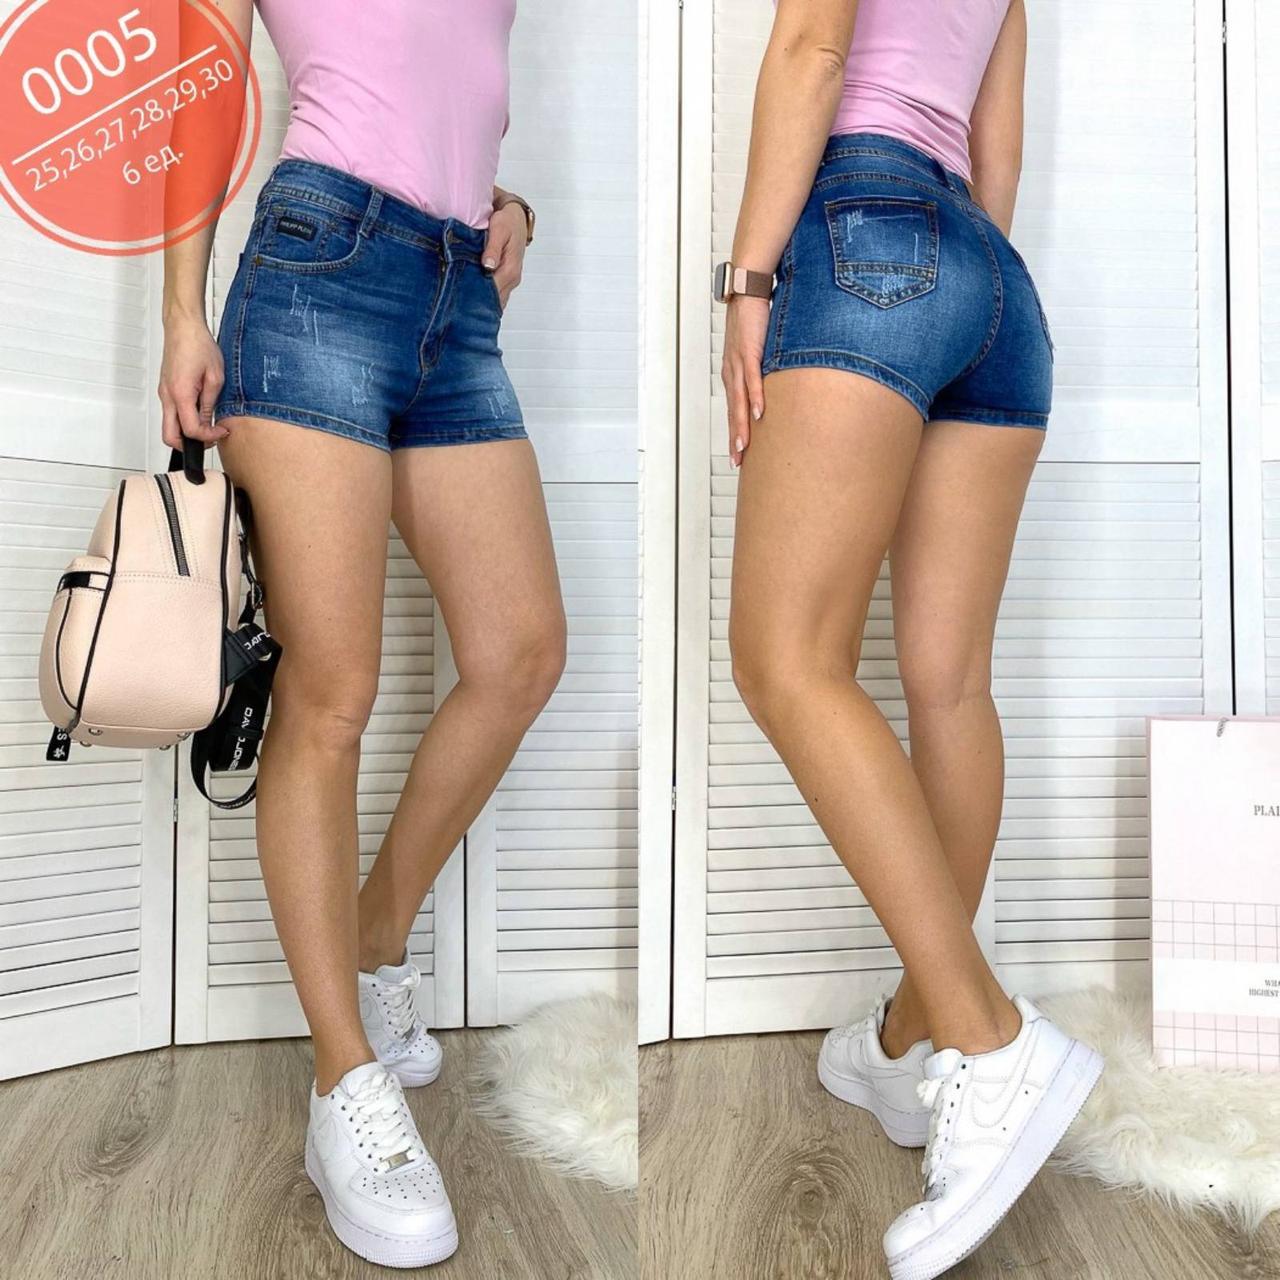 купить джинсовые тапочки женские